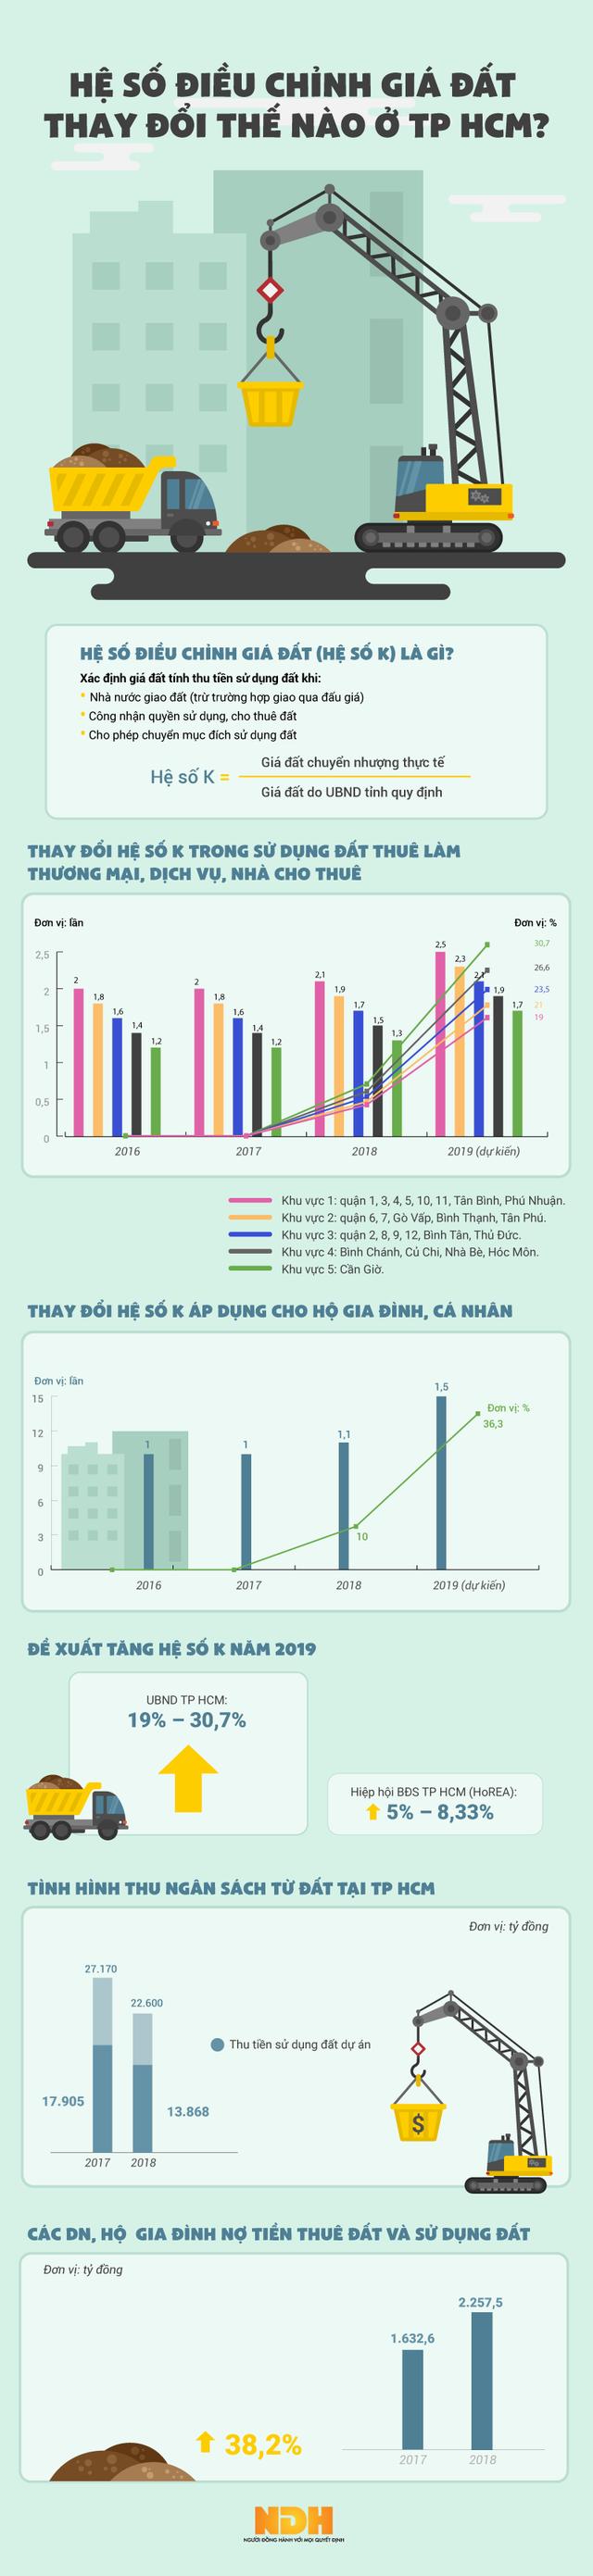 [Infographic] Hệ số điều chỉnh giá đất thay đổi thế nào ở TP HCM? - Ảnh 1.